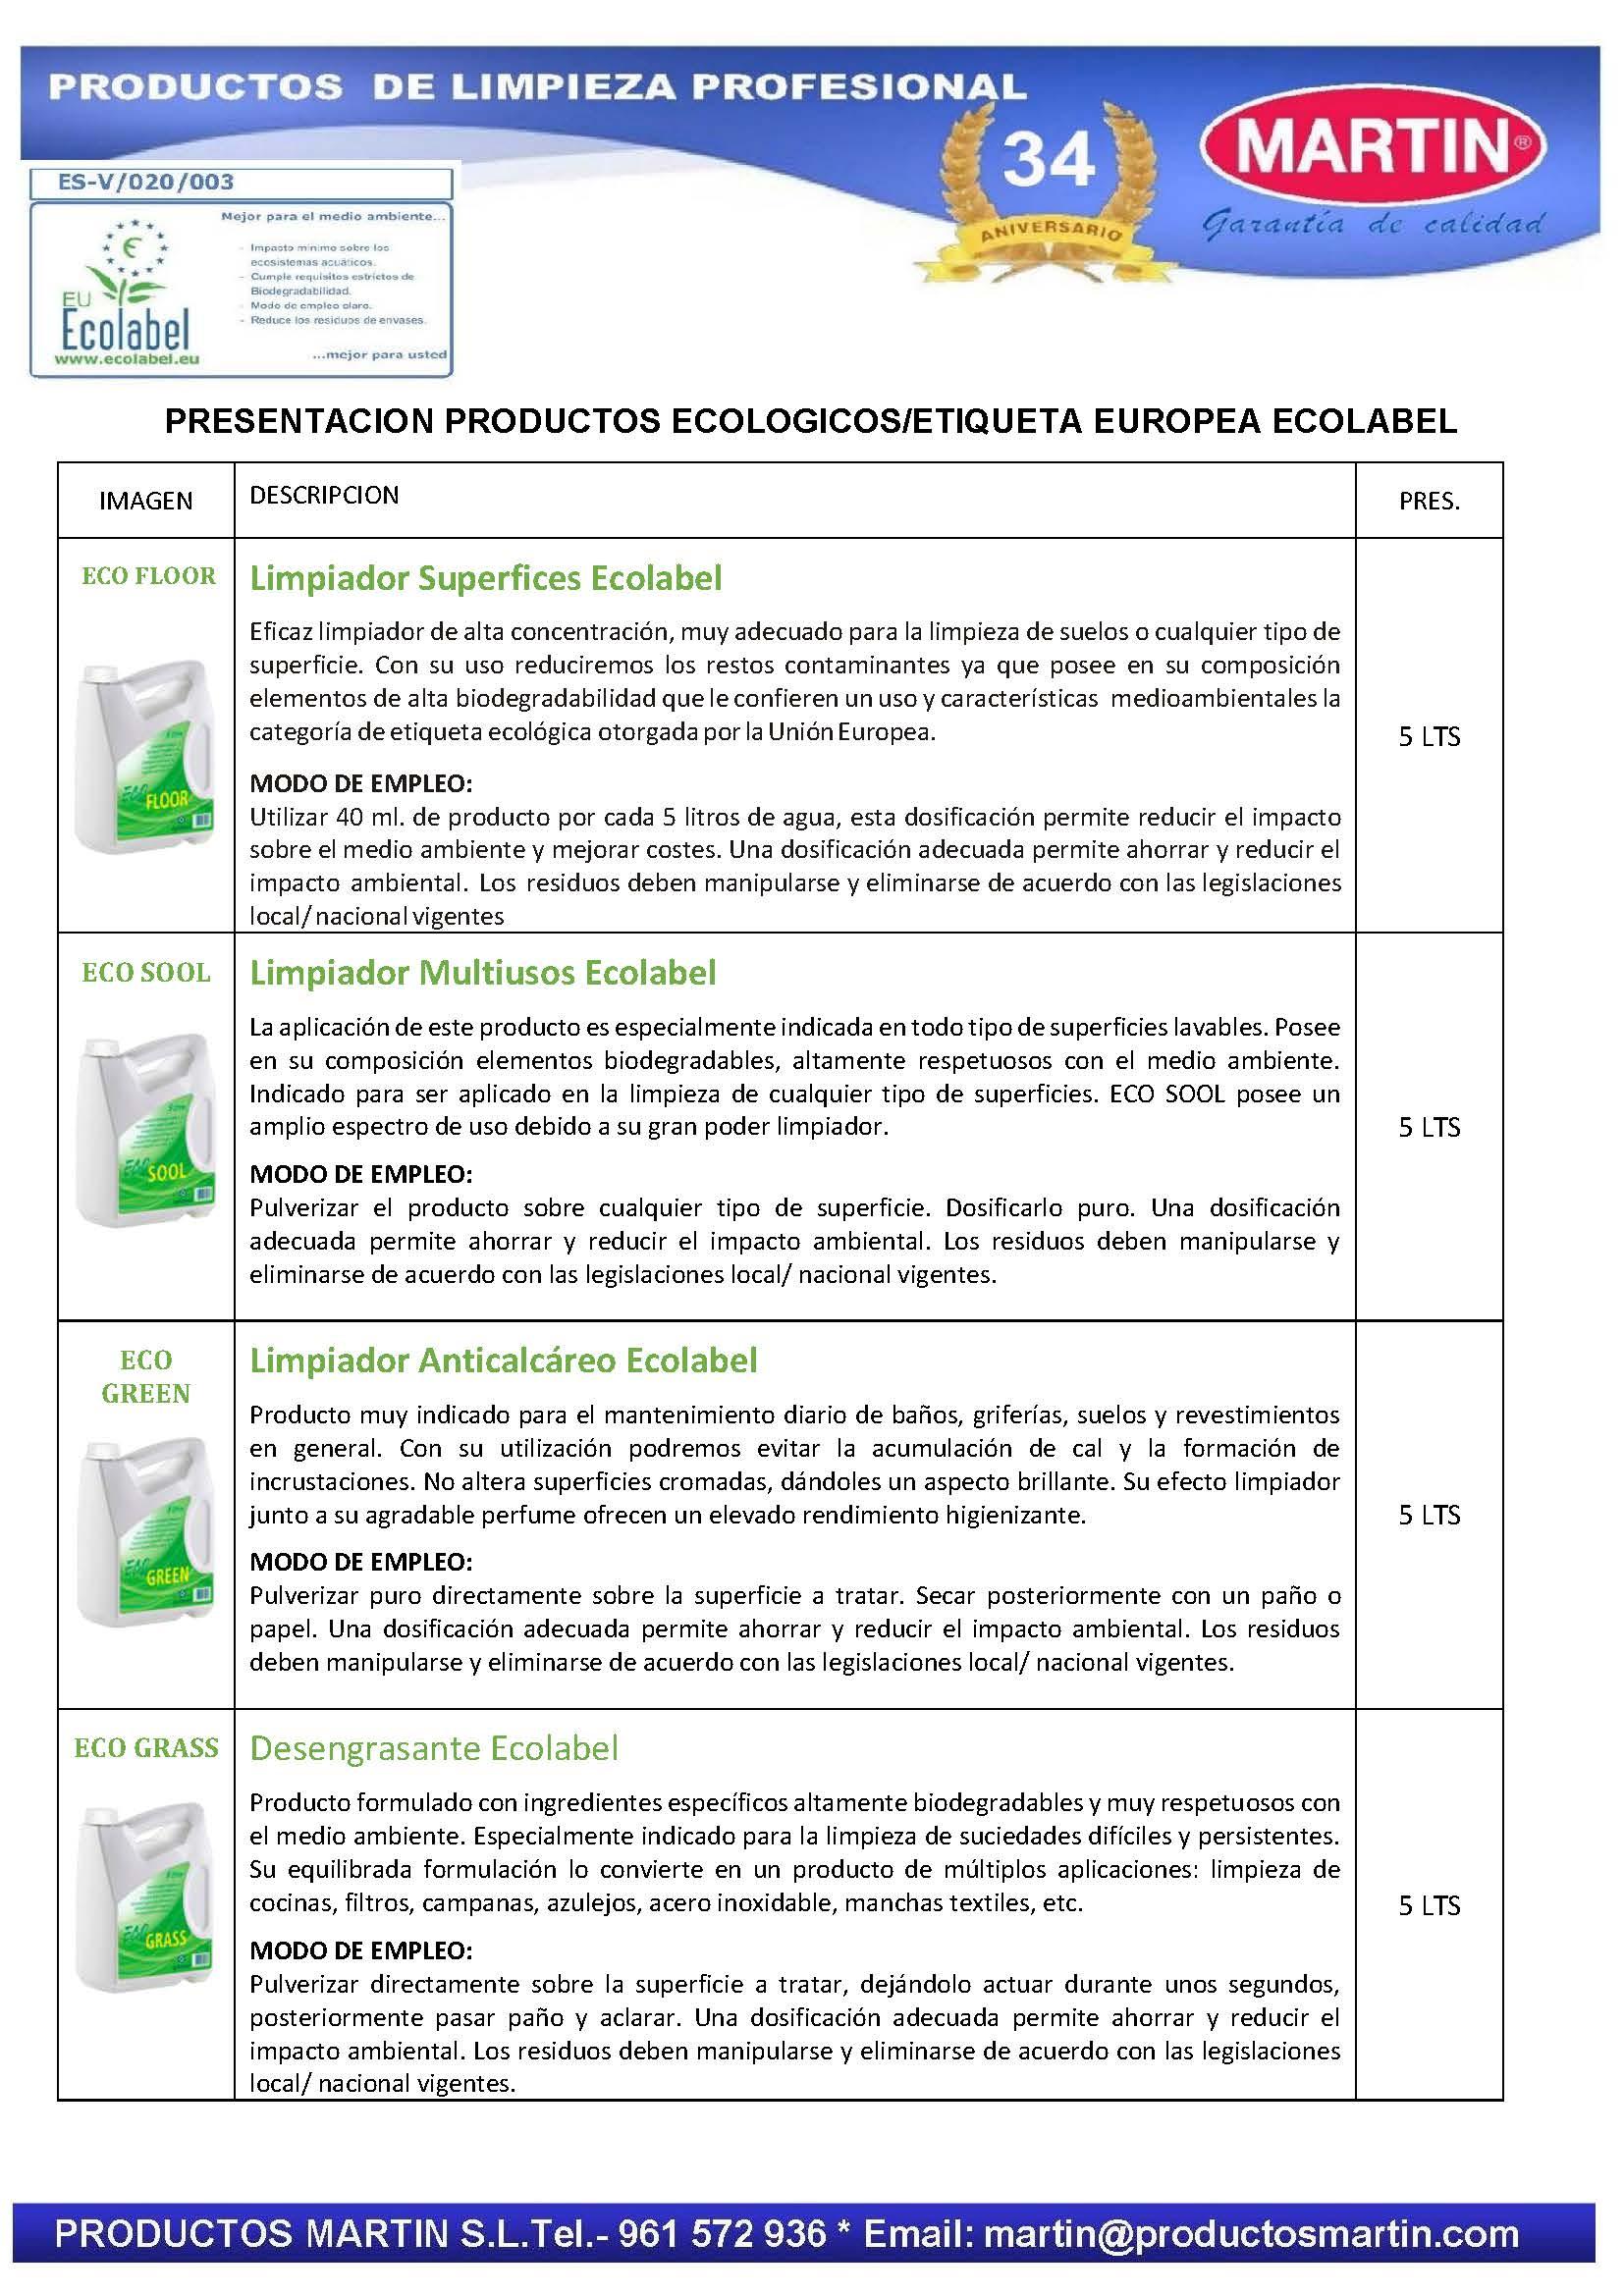 PRODUCTOS DE LIMPIEZA CON ETIQUETA ECOLOGICA ECOLABEL